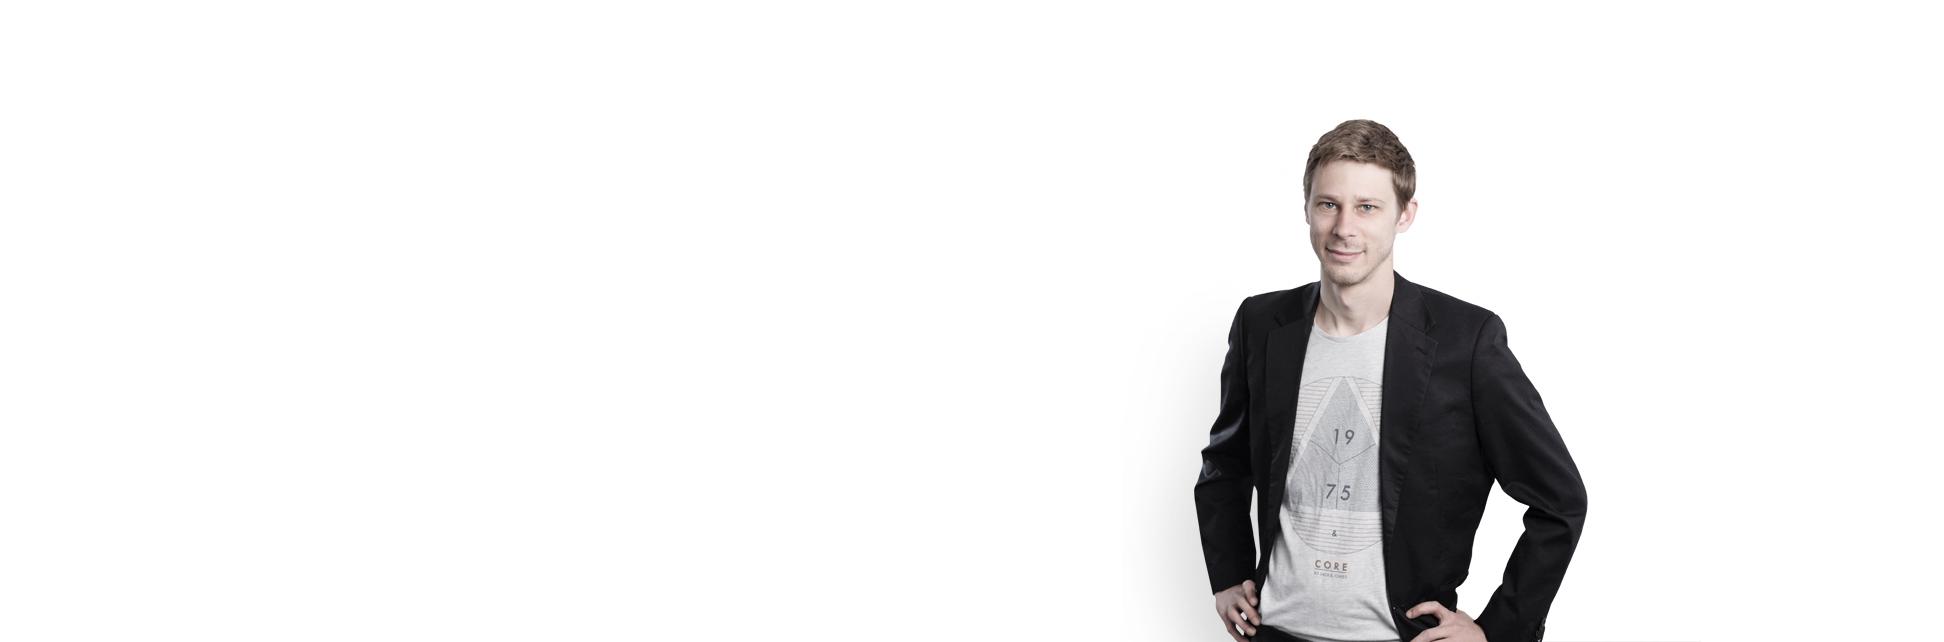 Header Portraitseite mit Daniel Schoch